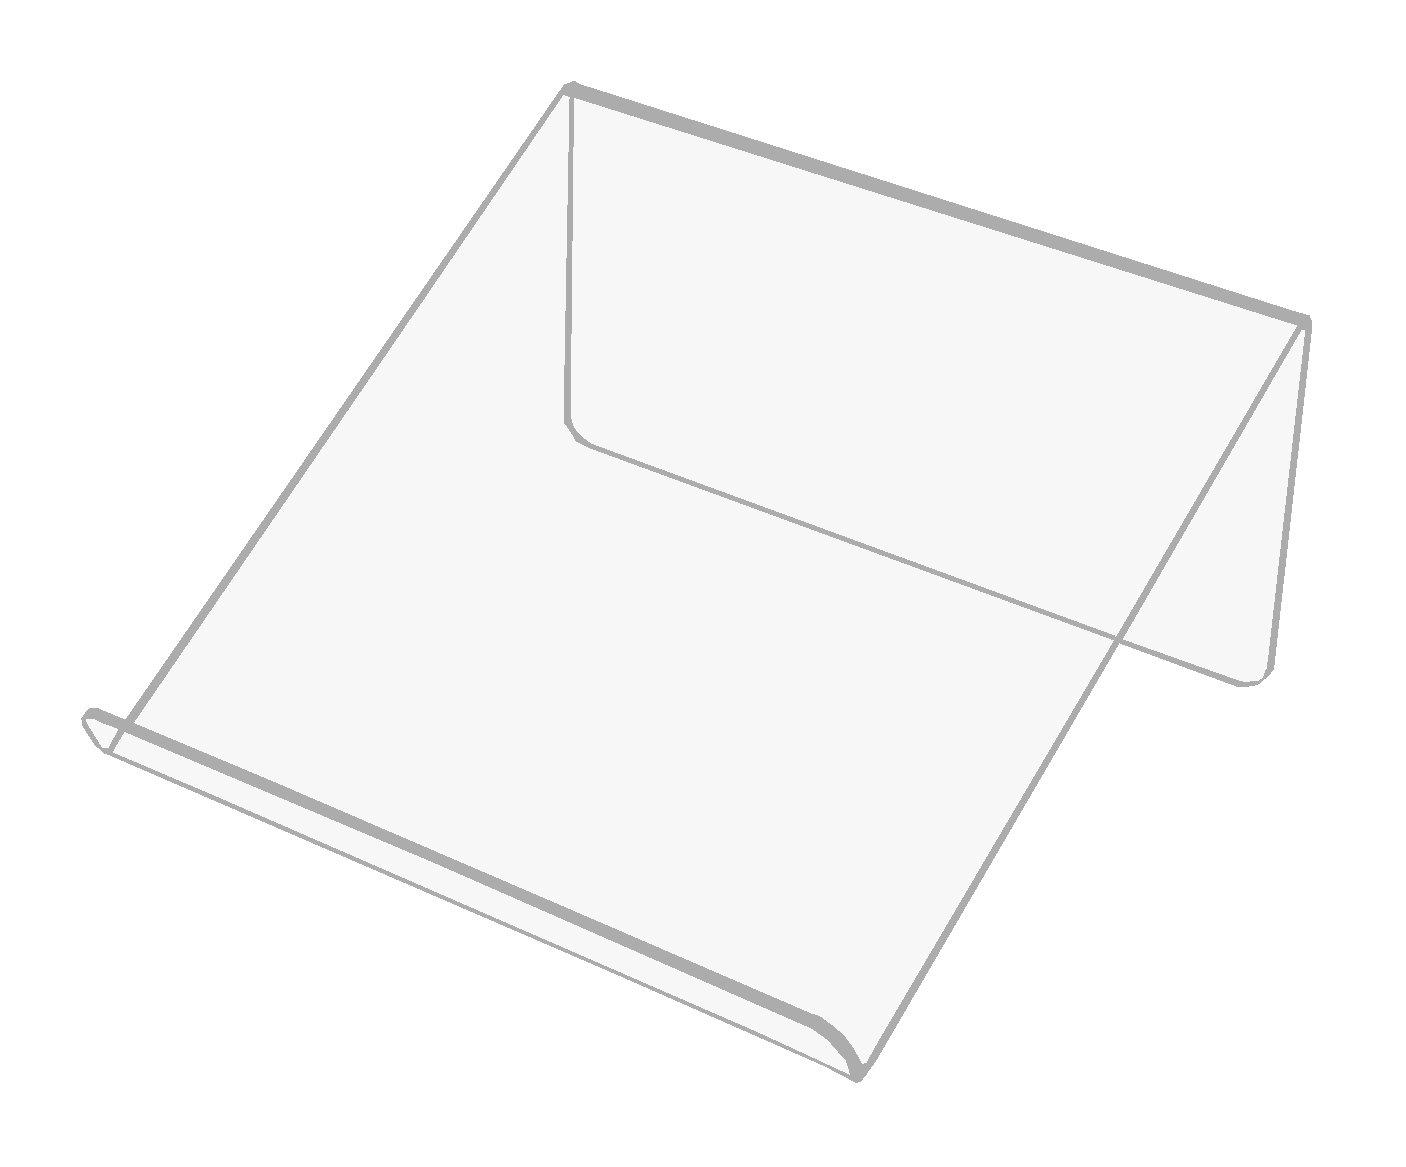 Stojan stojan 15 cm čítačka tabliet s plexiskla 3 mm